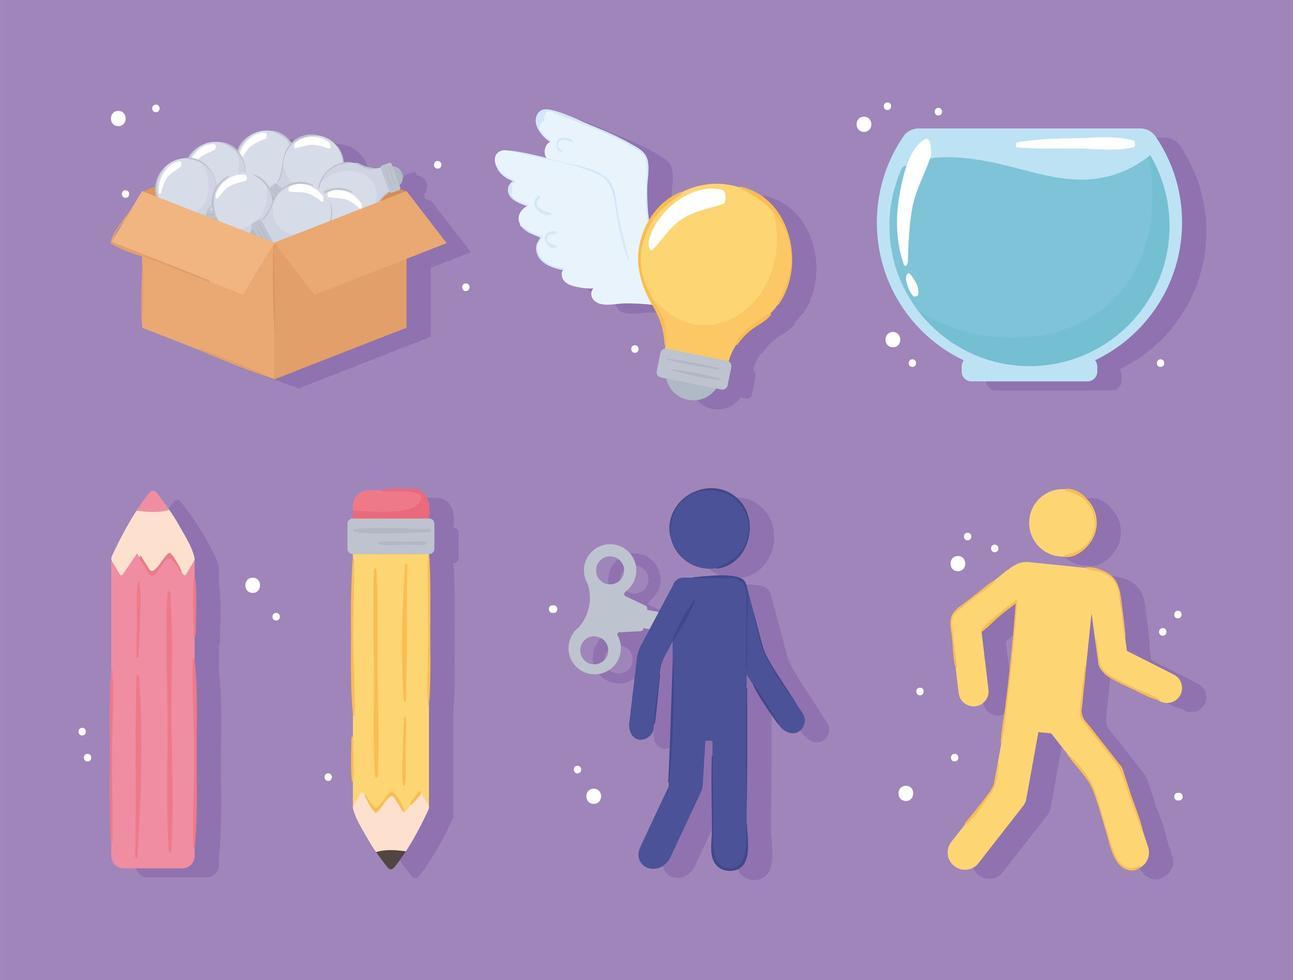 conjunto de ícones de ideias únicas vetor